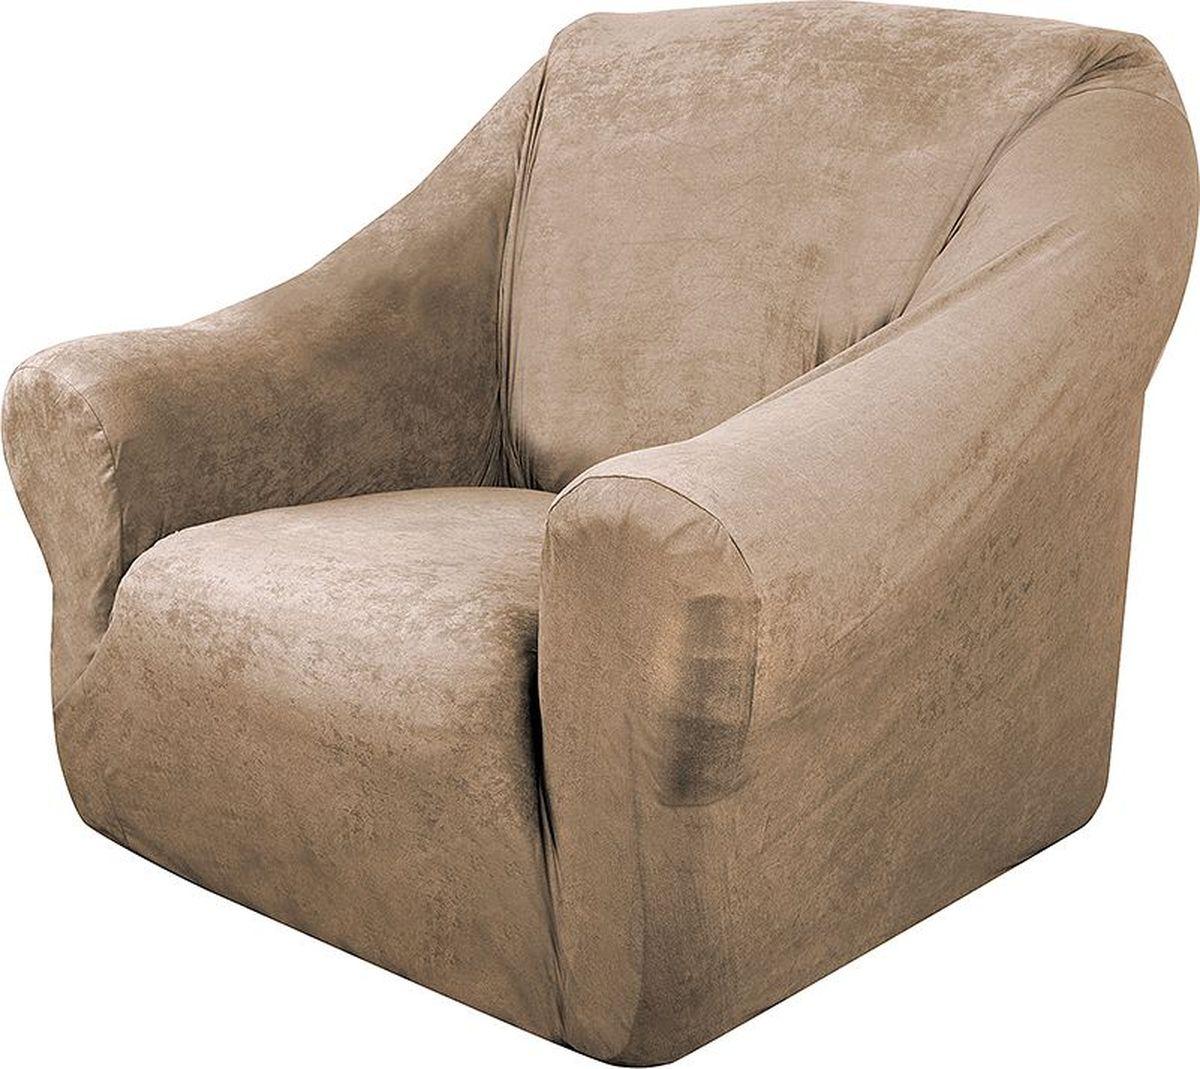 Чехол на кресло Медежда Лидс, цвет: бежевый1401071103000Чехол на кресло Медежда Лидс изготовлен из искусственной замши, благодаря чему он очень приятен на ощупь и практичен в использовании.Чехол легко растягивается, хорошо принимает форму кресла и подходит для стандартных кресел с шириной спинки от 80 см до 110 см и высотой не более 95 см. За счет специальных фиксаторов чехол прочно держится на мебели, не съезжает и не соскальзывает. Искусственная замша сочетает в себе изящество, стиль и характерные эффекты натуральной замши с прочностью, износостойкостью и фантастическими техническими характеристиками самых современных материалов. По внешнему виду материал практически неотличим от натуральной замши, имеет максимальное визуальное сходство и создает неповторимое ощущение теплоты и пространства.